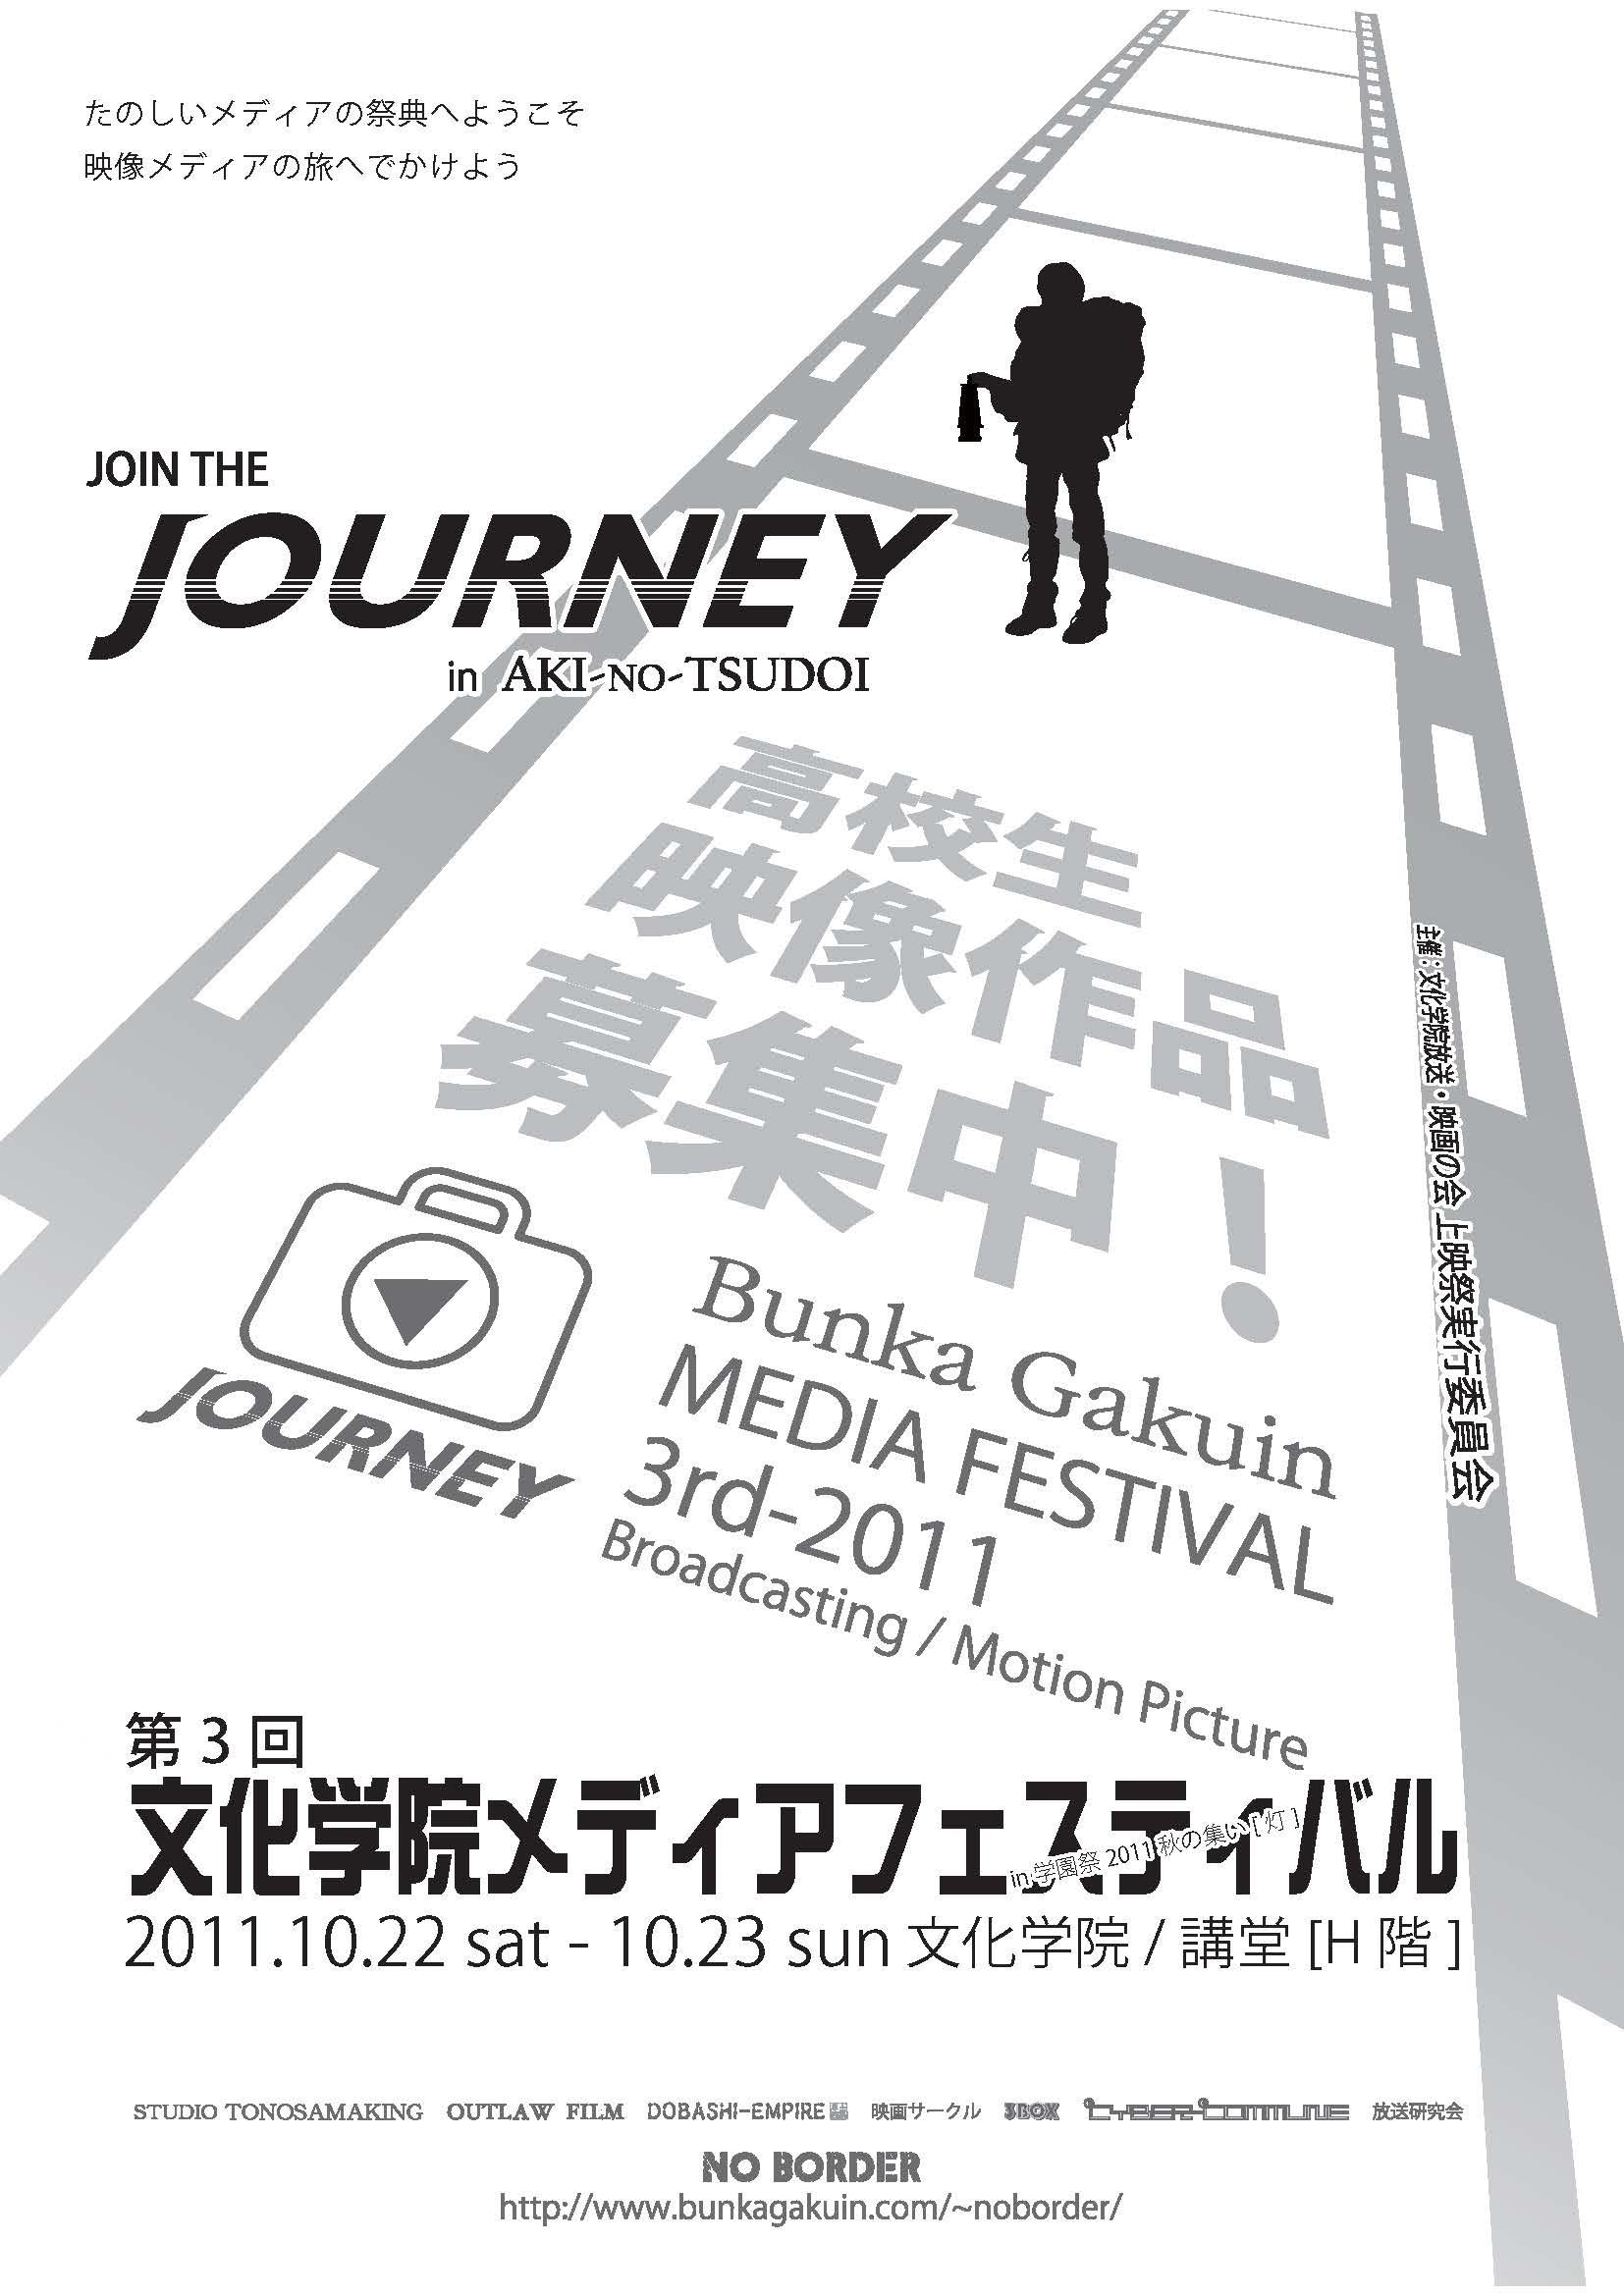 第3回文化学院メディアフェスティバル 2011 JOURNEY 高校生作品募集ポスター